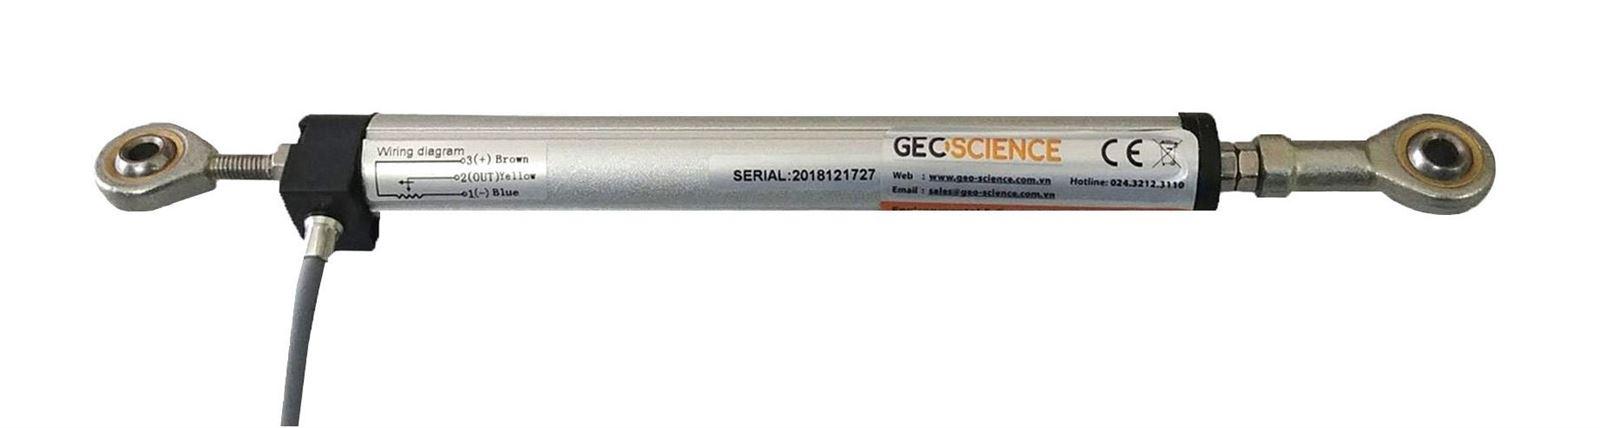 Đầu đo vết nứt GS-CM GEOSCIENCE